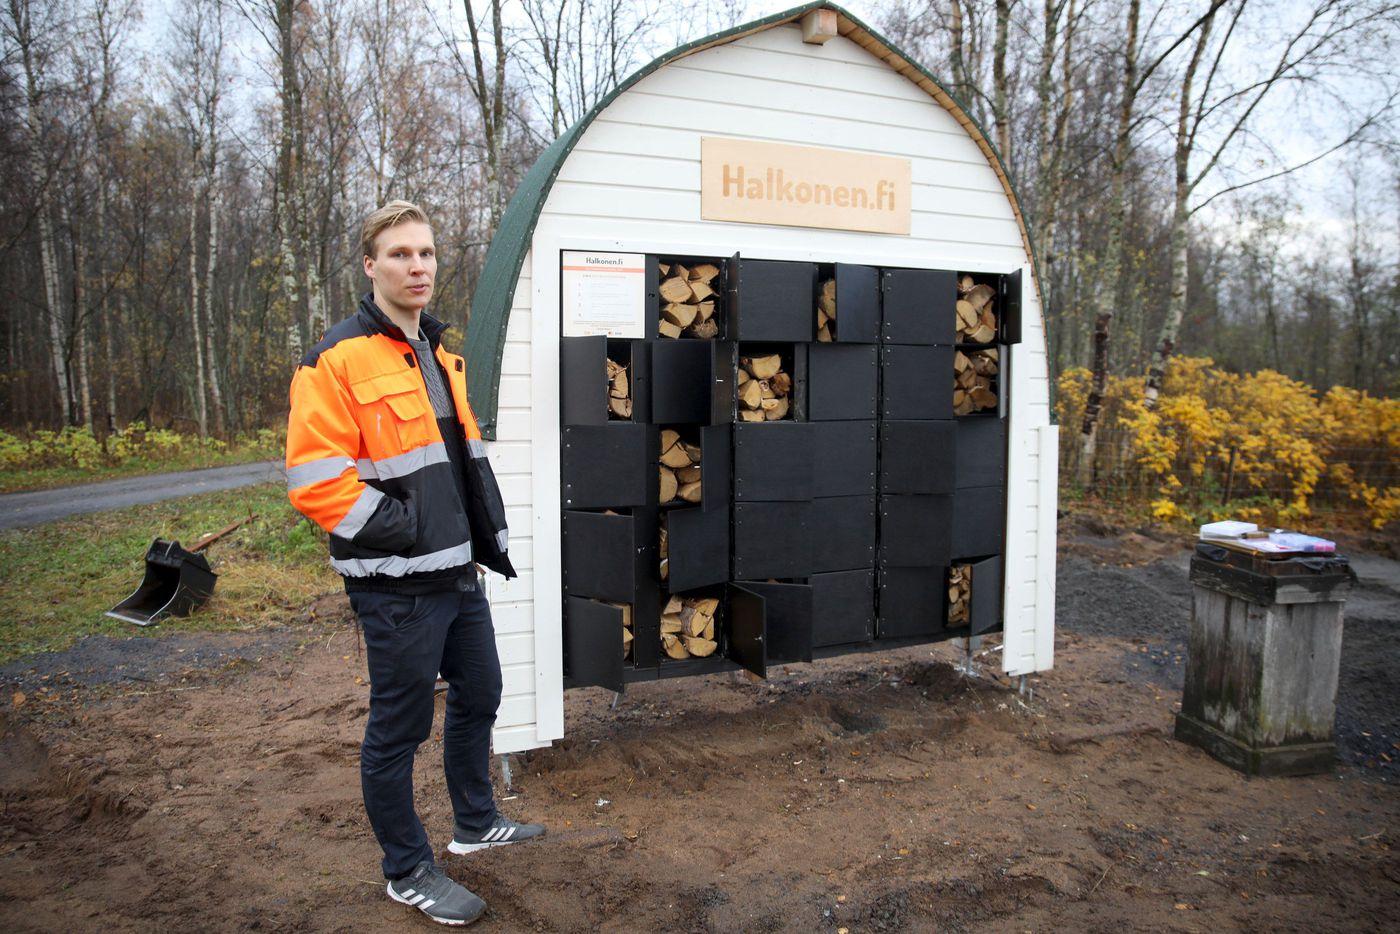 В Финляндии заработали автоматы по продаже дров